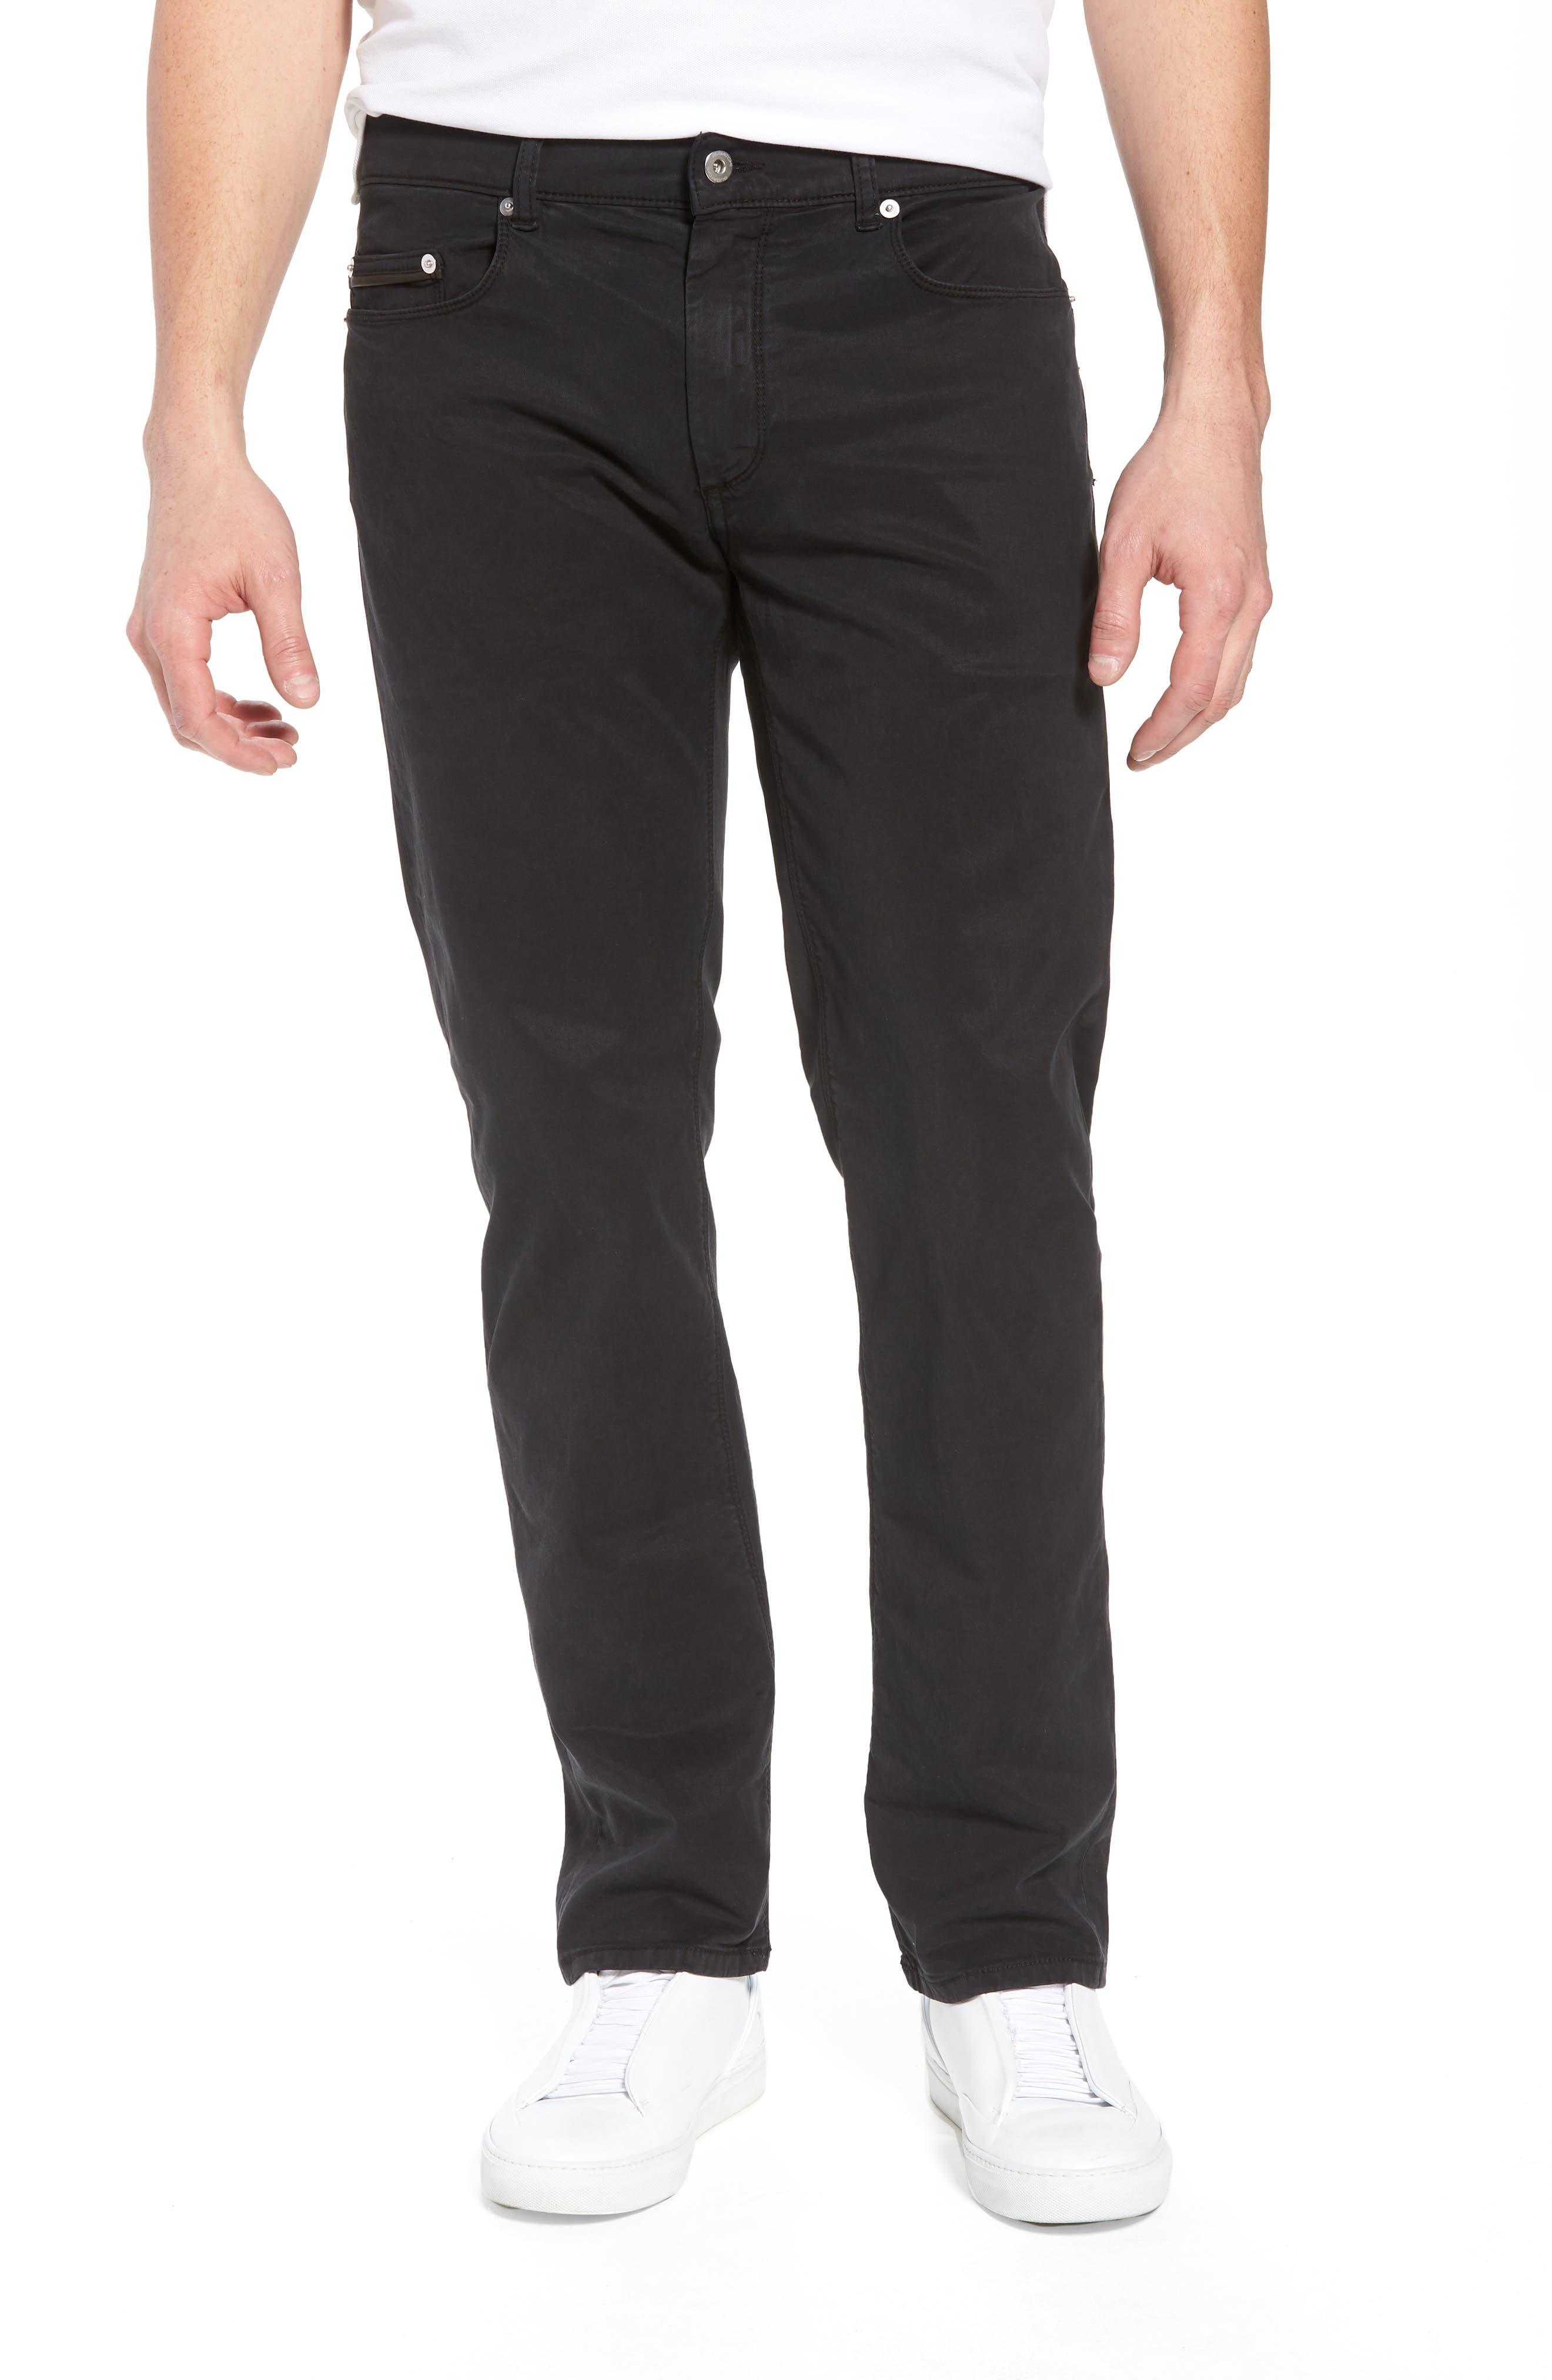 BUGATCHI Trim Fit Pants, Main, color, 001